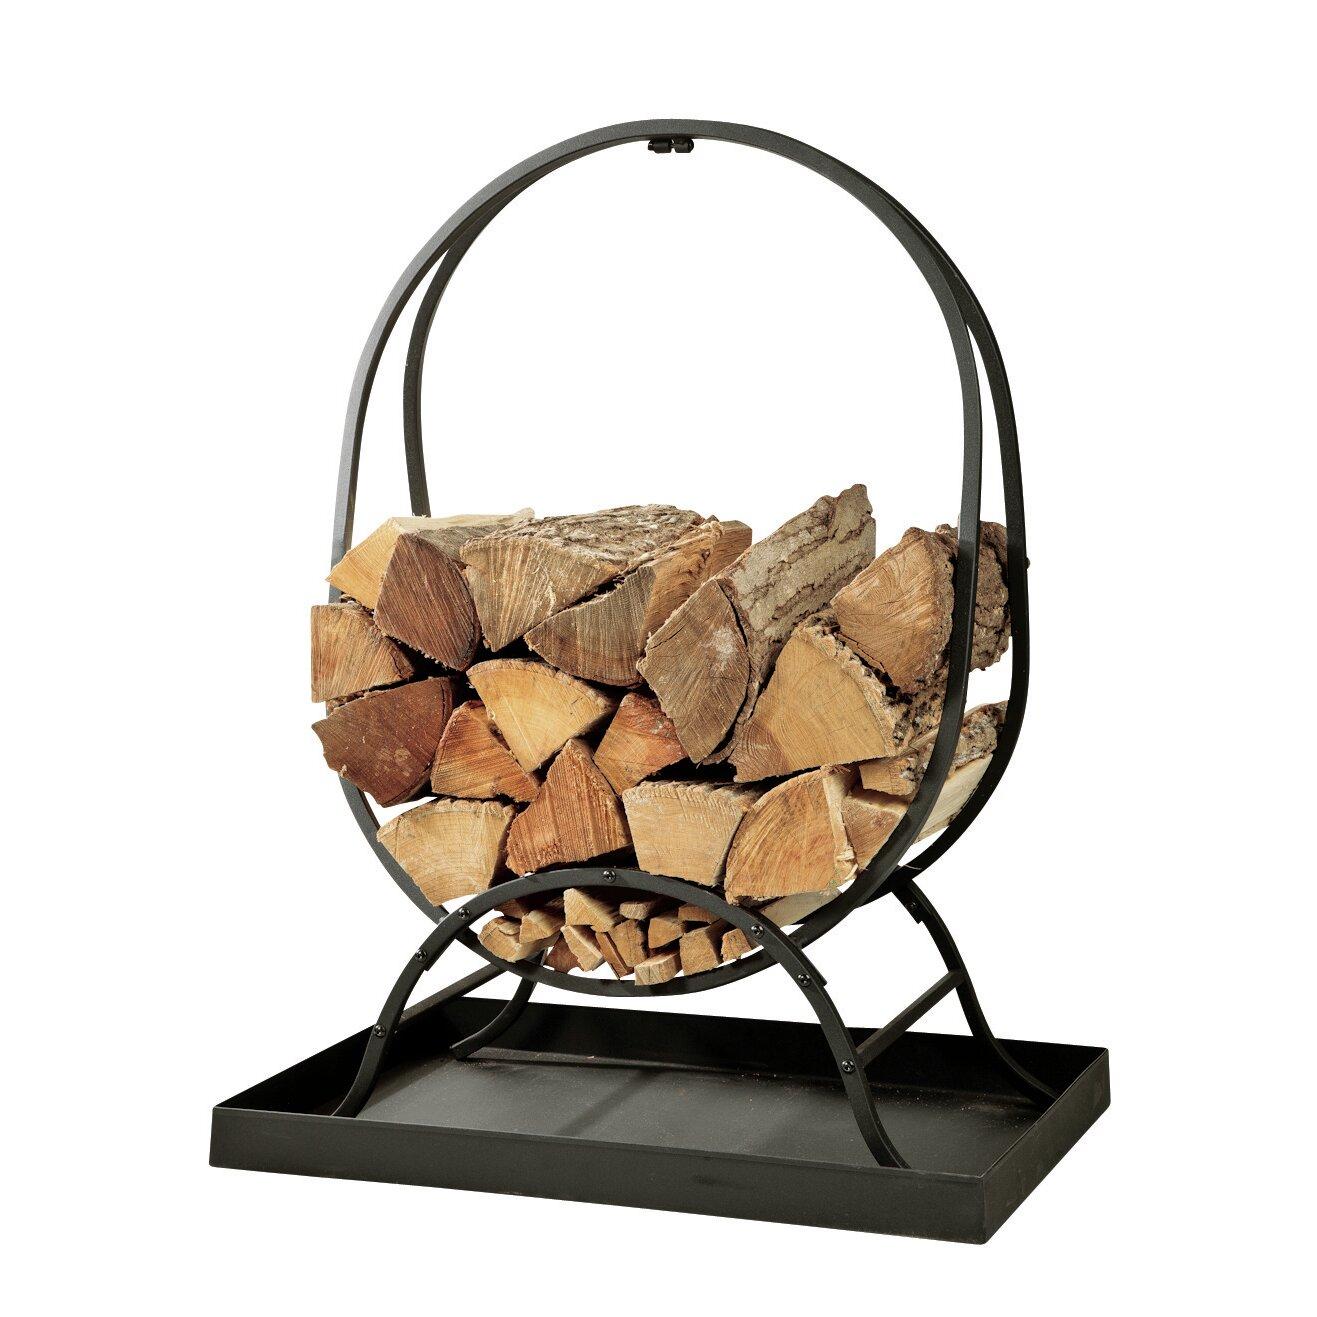 Plow Amp Hearth Steel Wood Log Rack Amp Reviews Wayfair